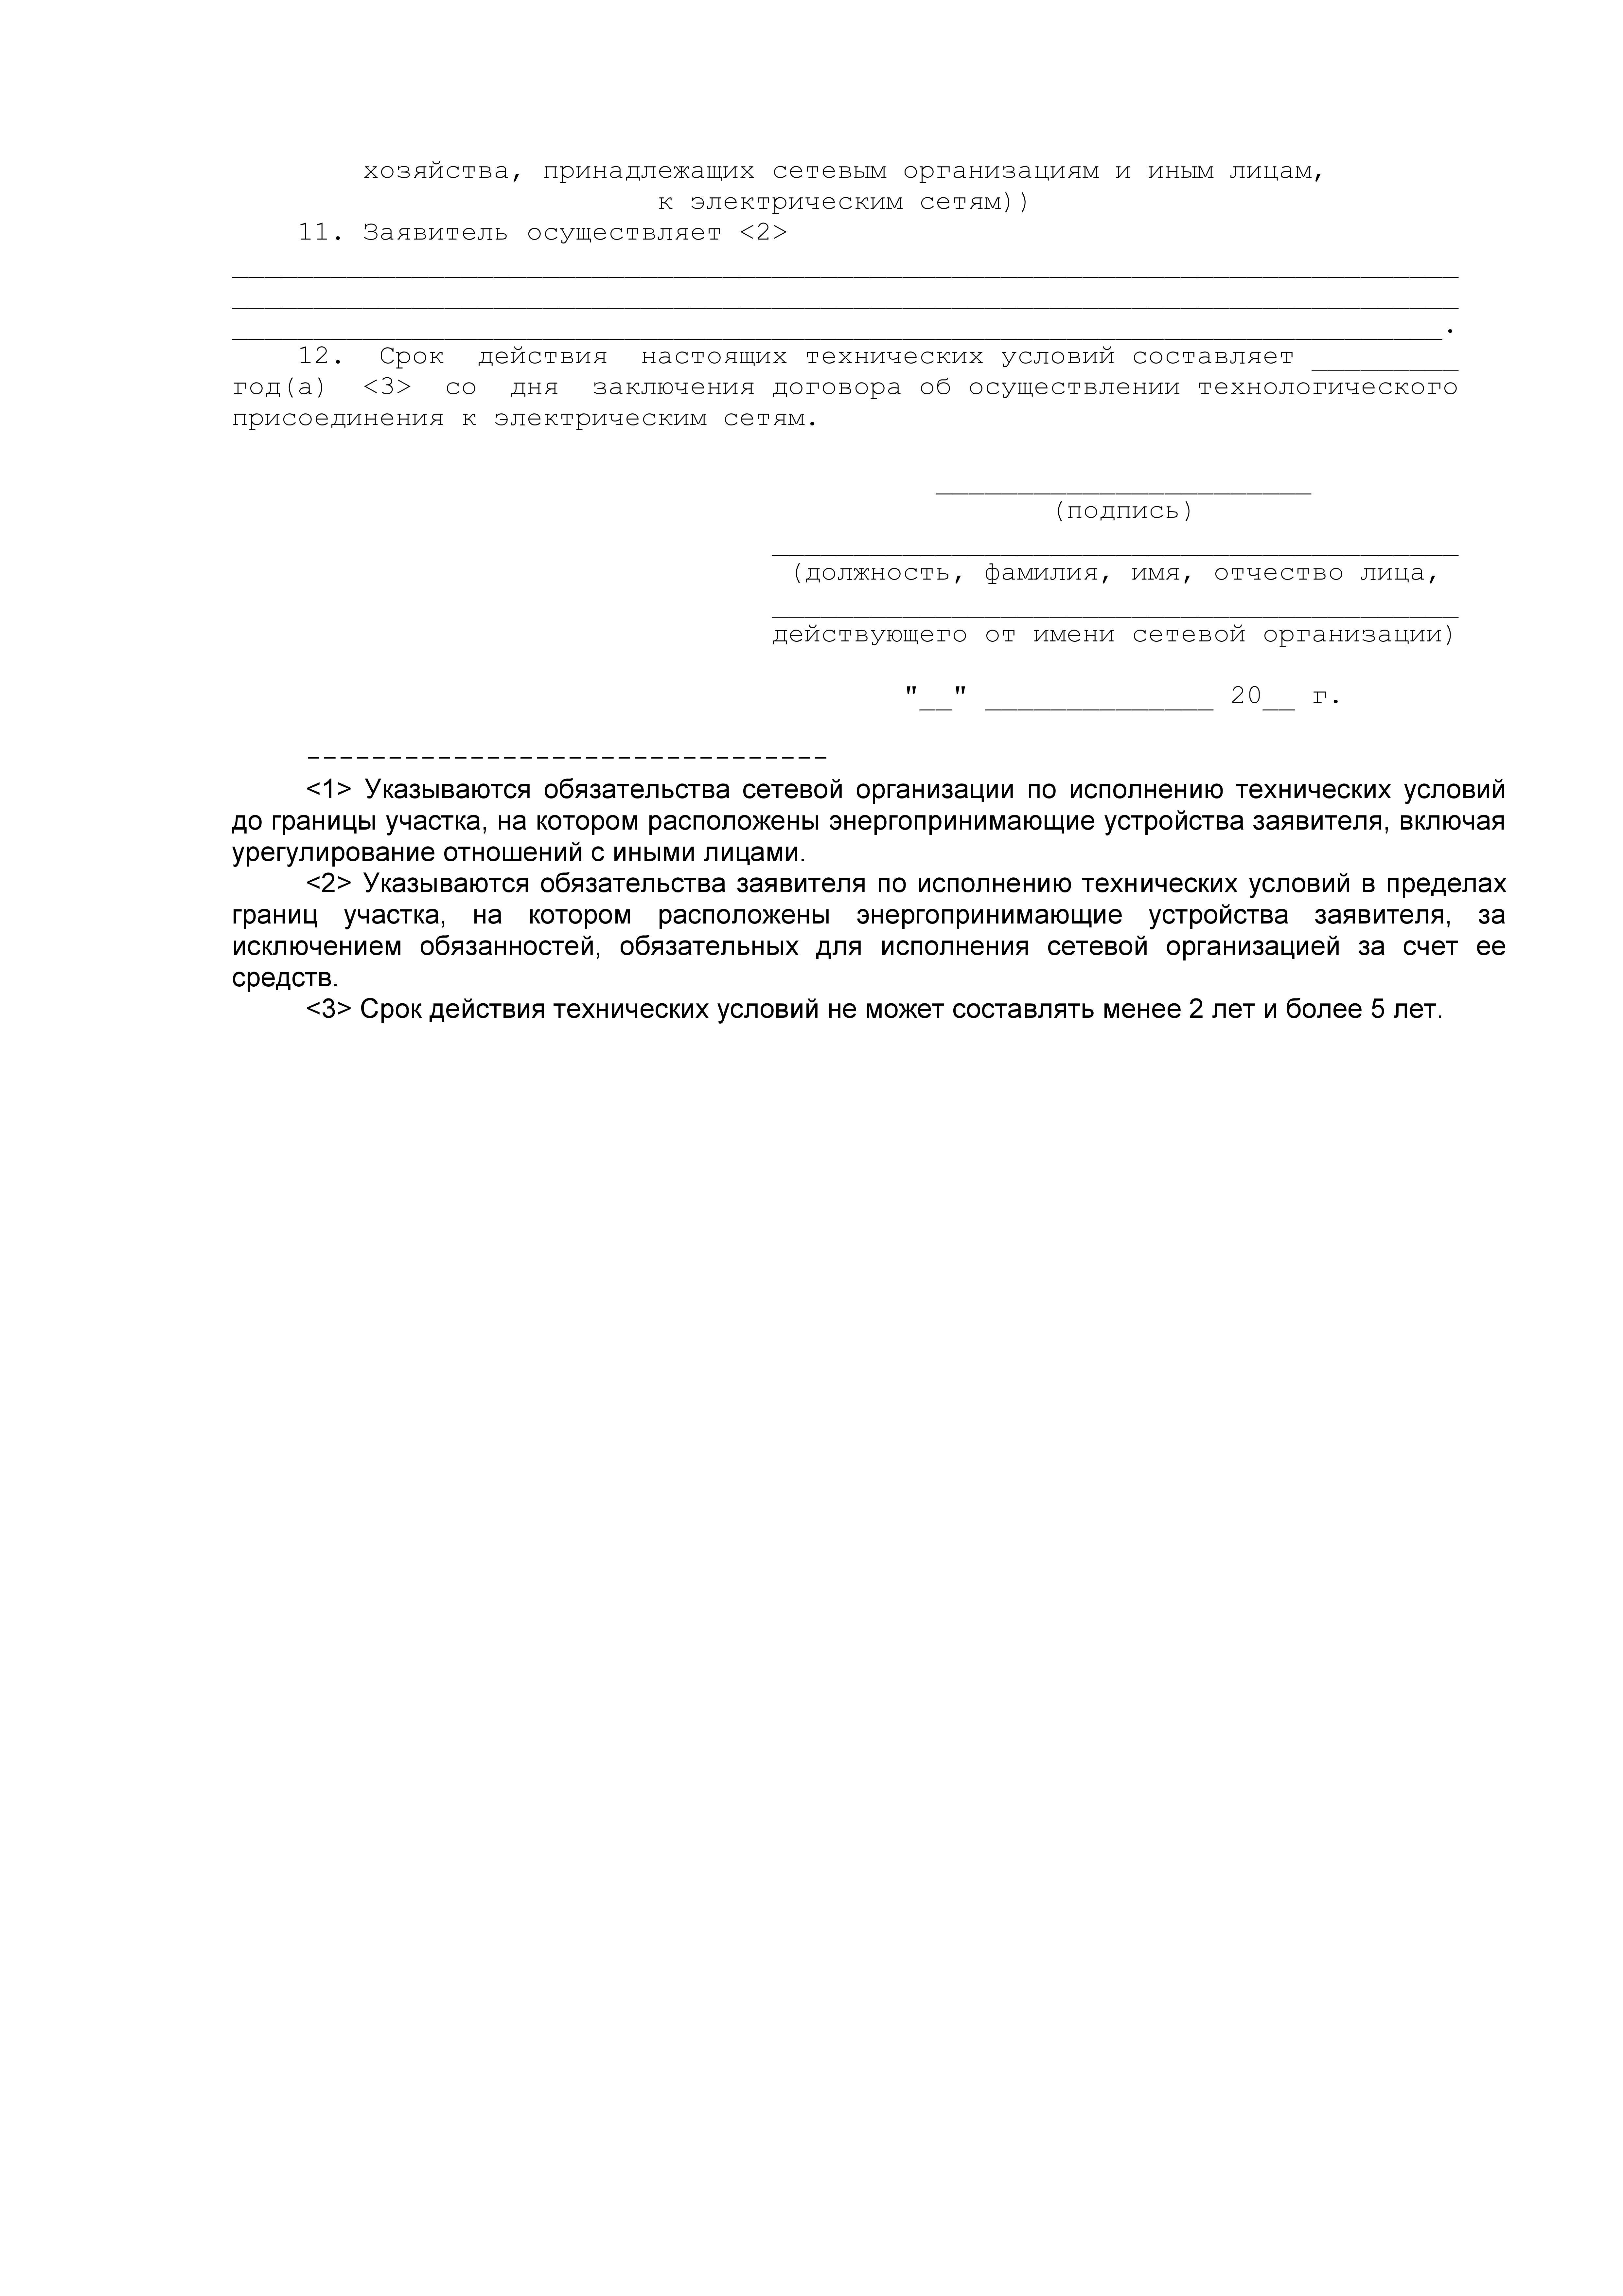 технические условия на подключение к электрическим сетям 15 квт